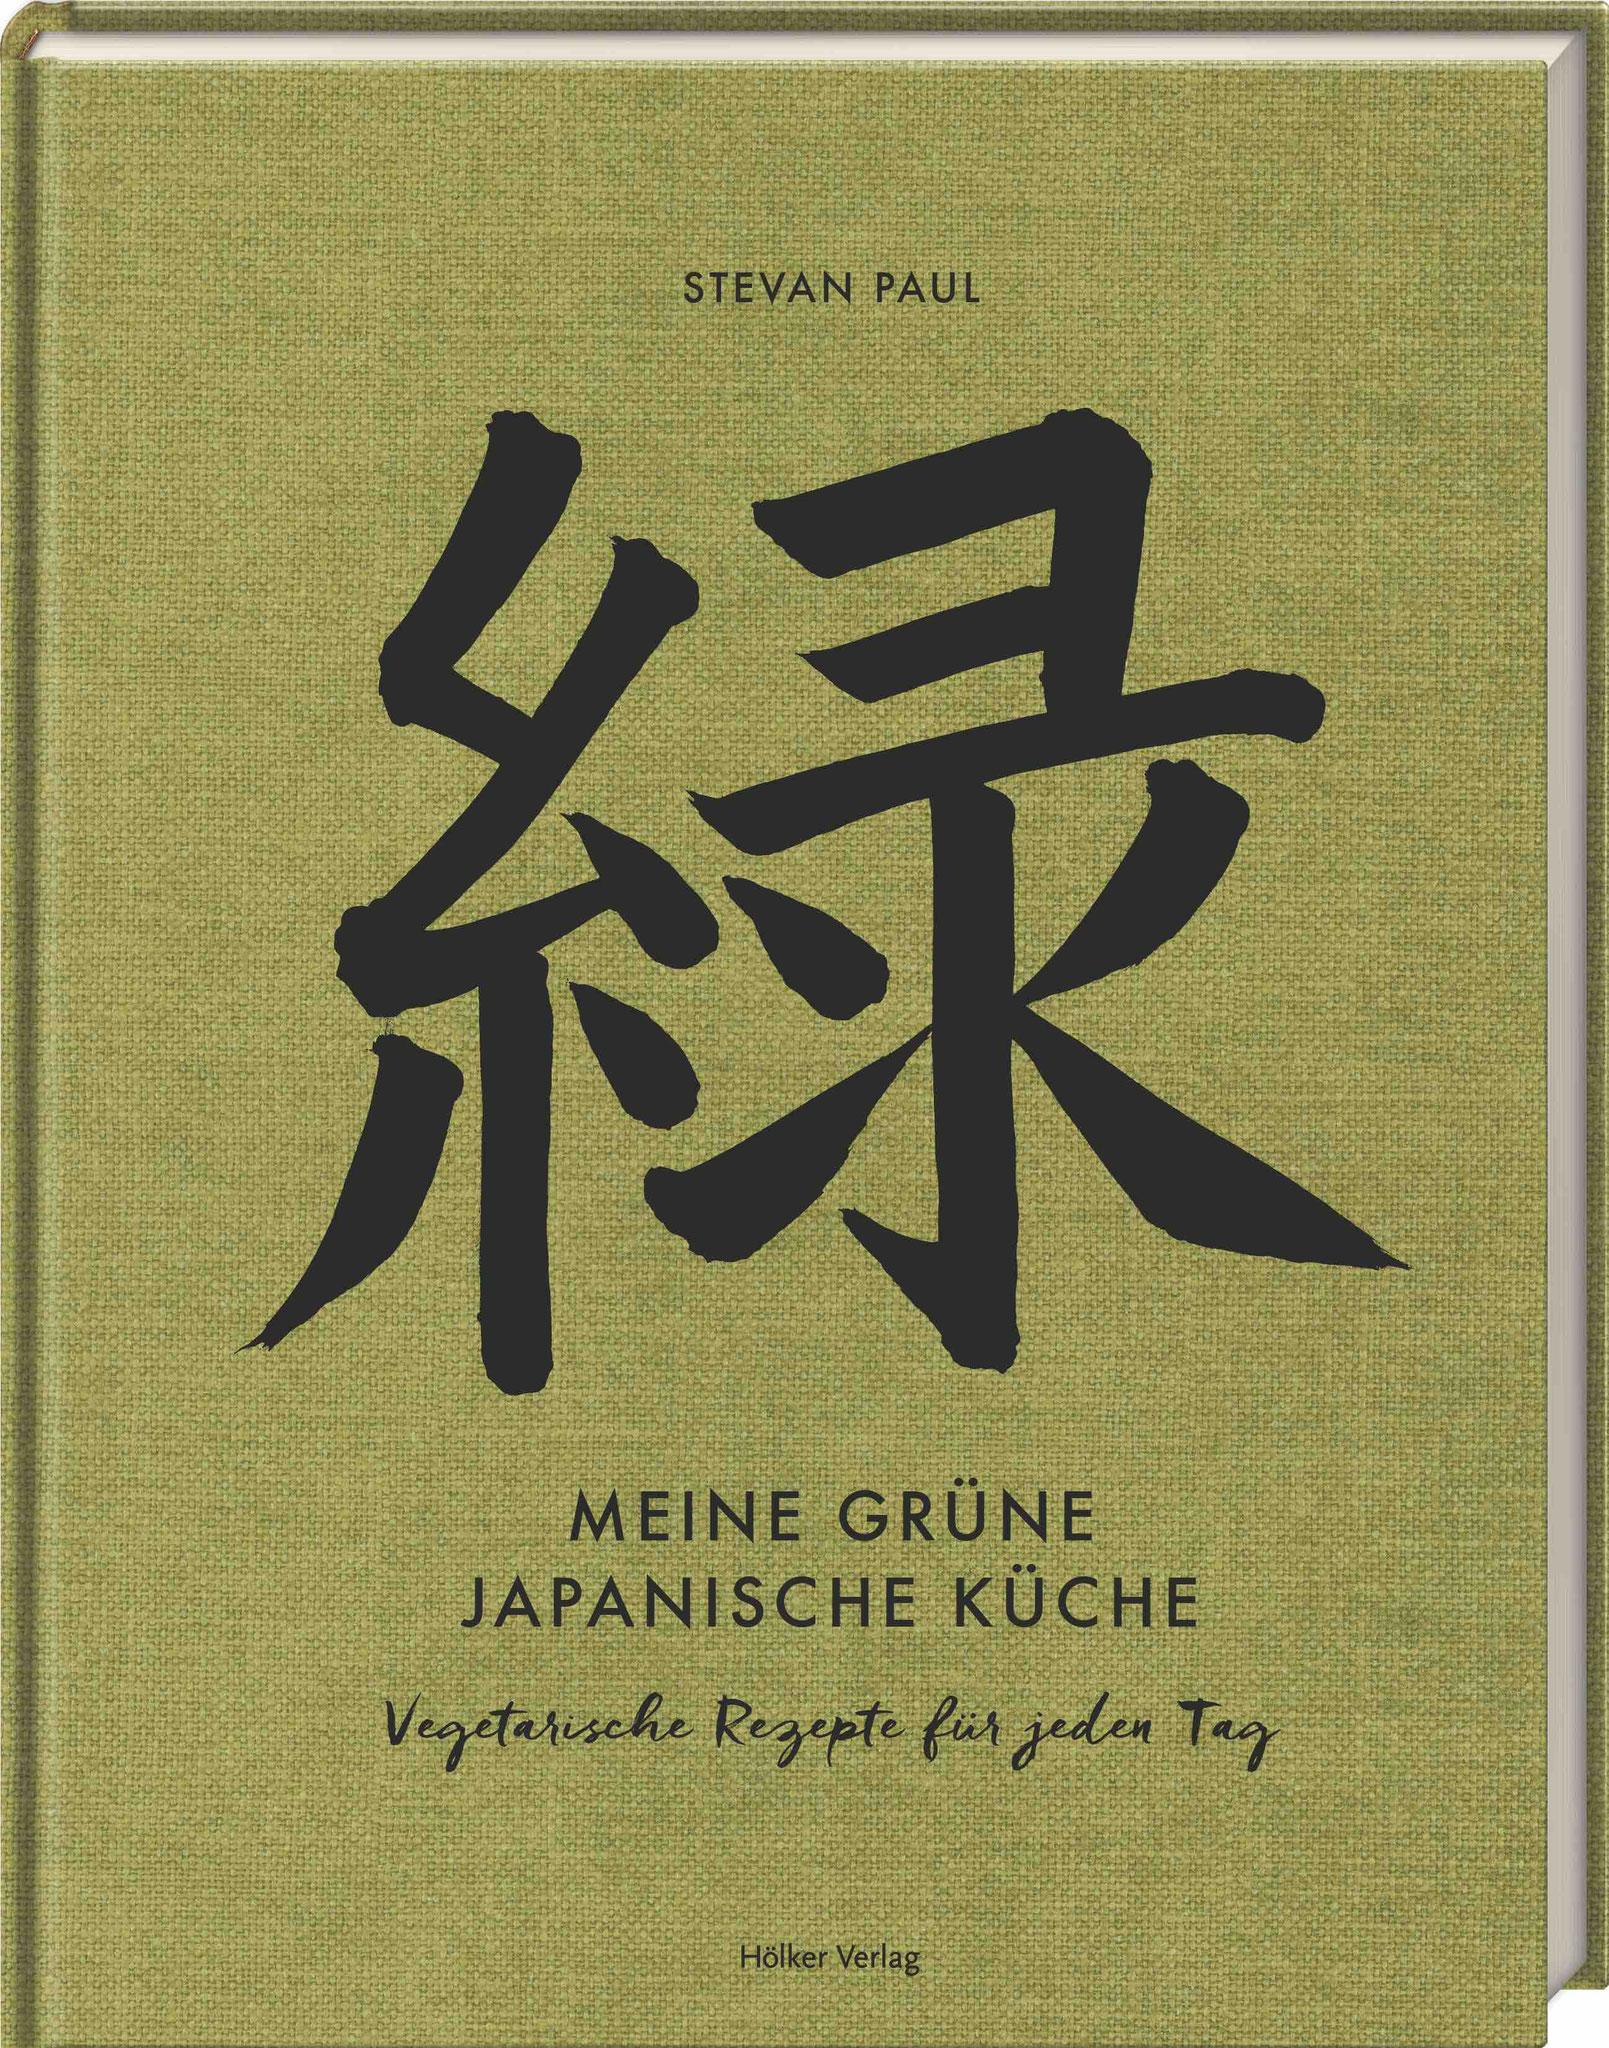 """Das neue Stevan Paul Kochbuch """"Meine grüne japanische Küche""""*"""